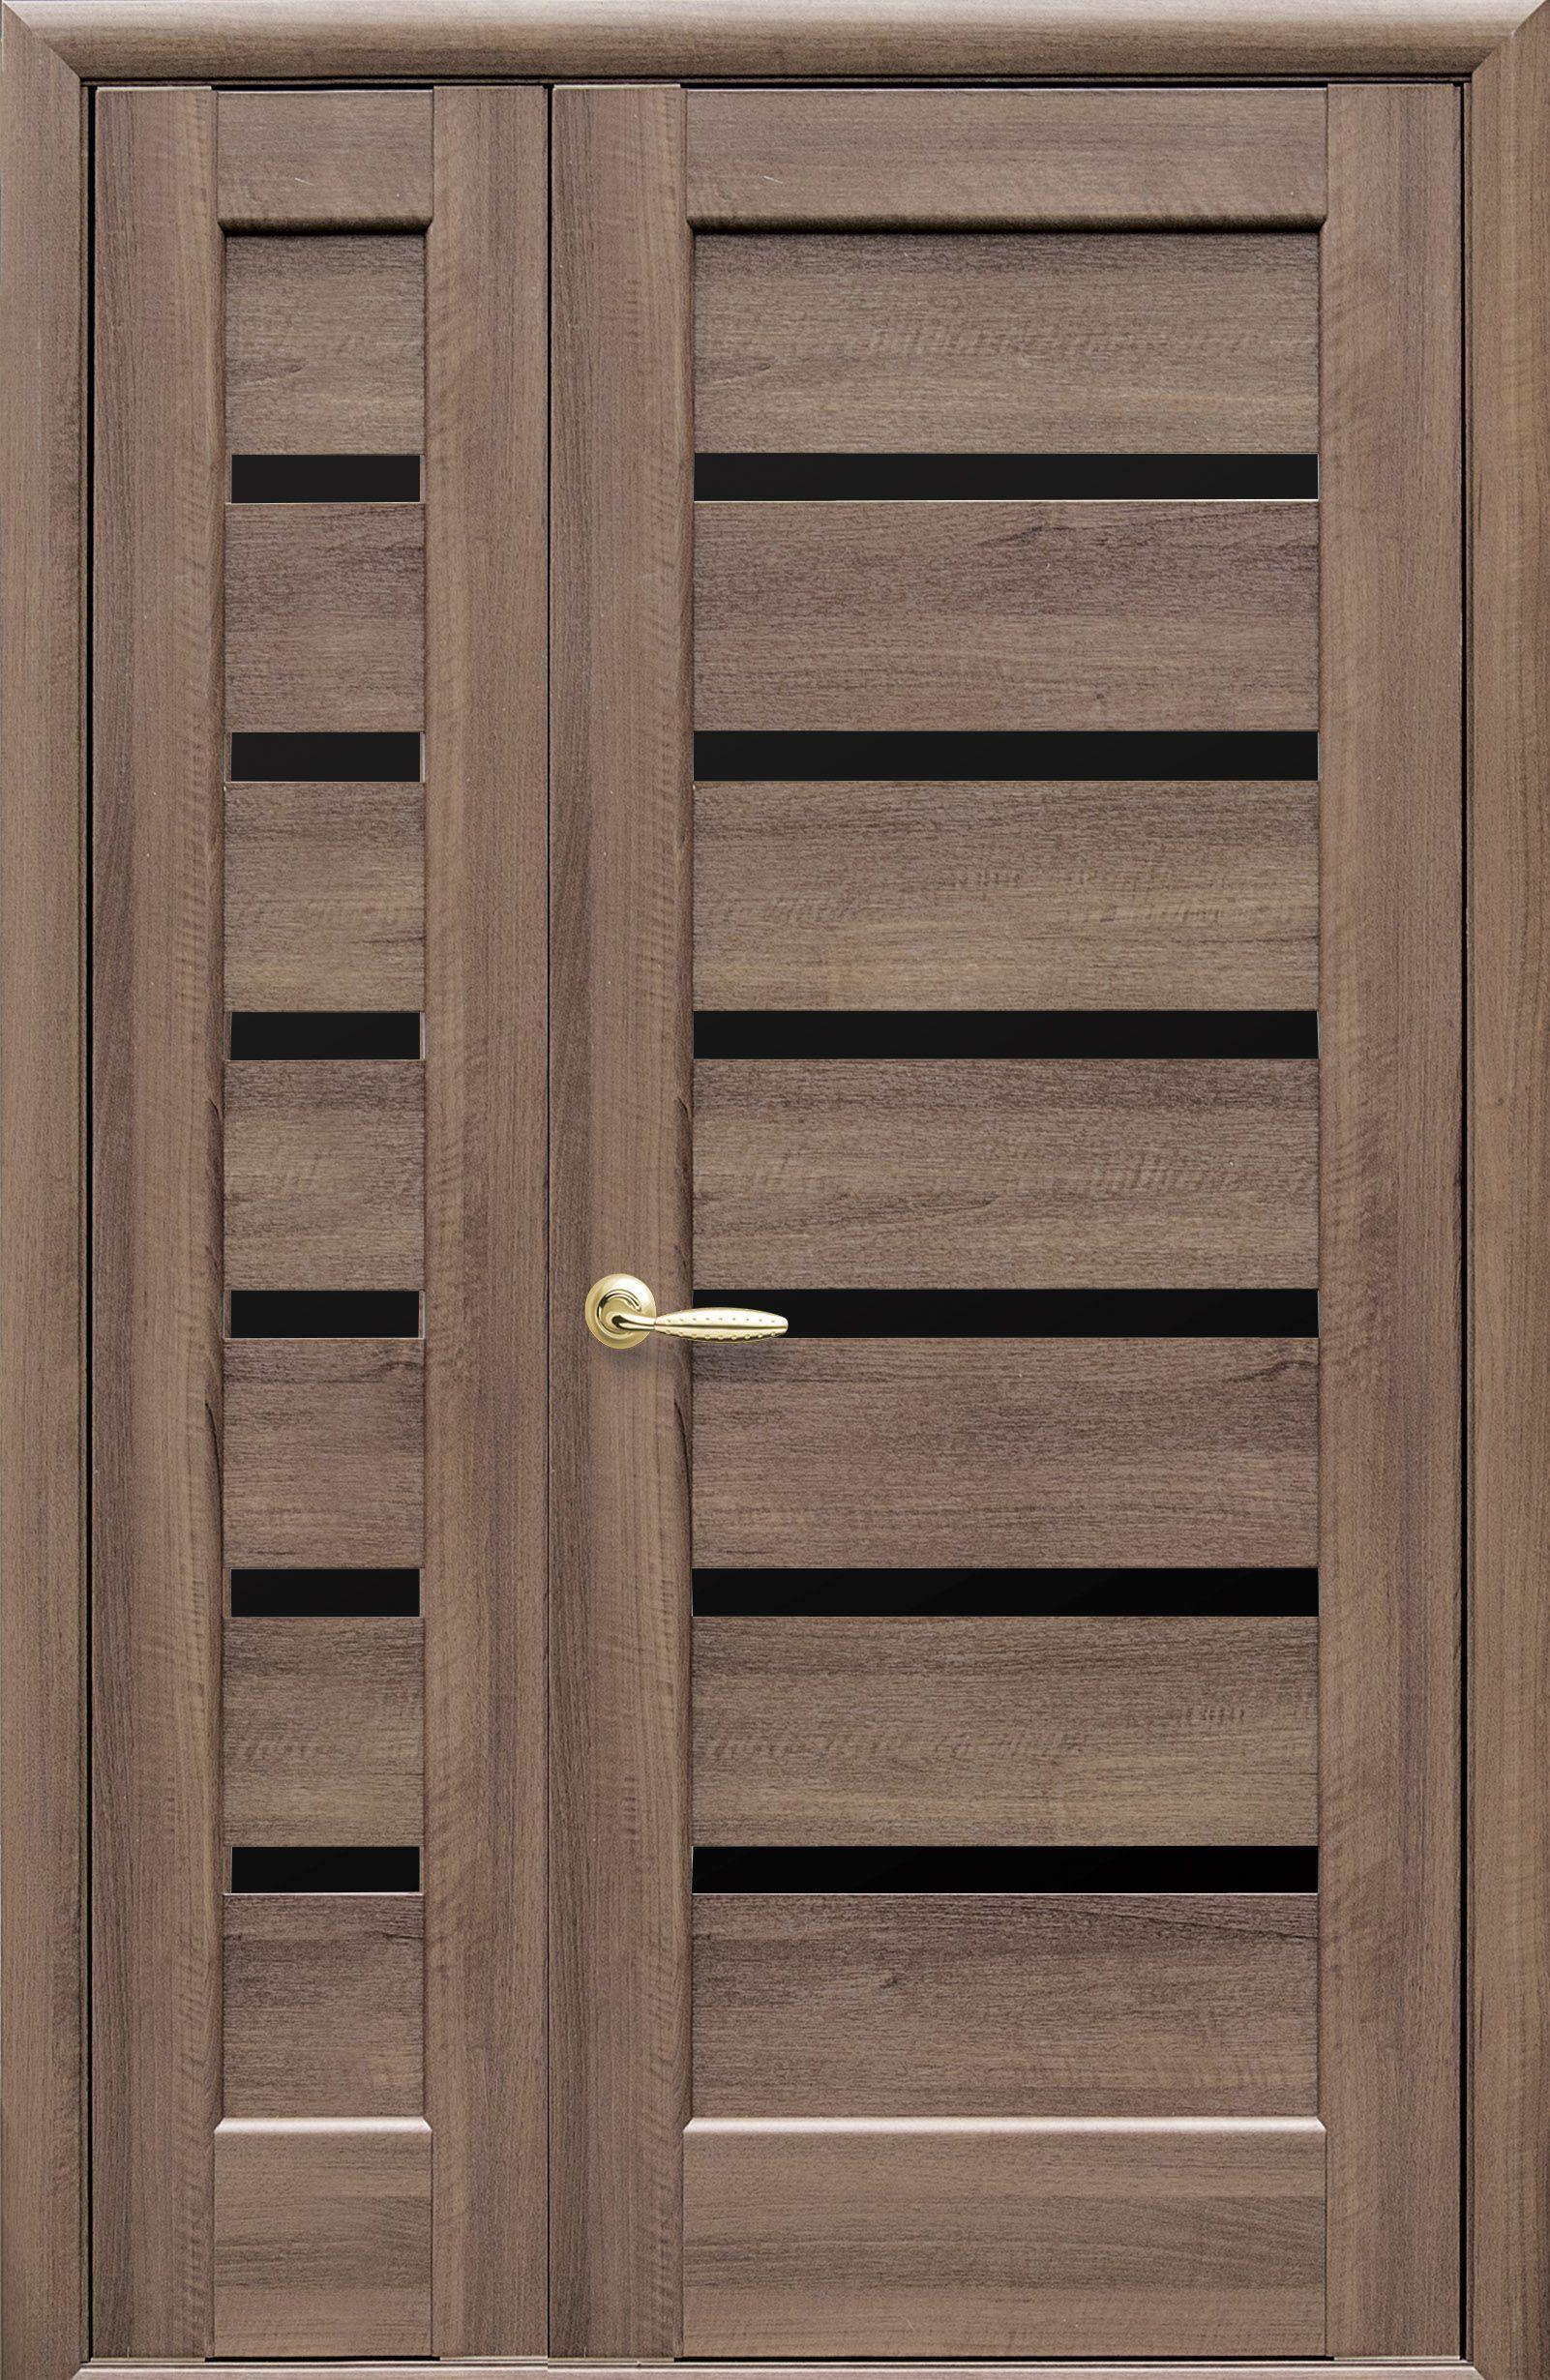 Двойные межкомнатные двери Линнея с черным стеклом